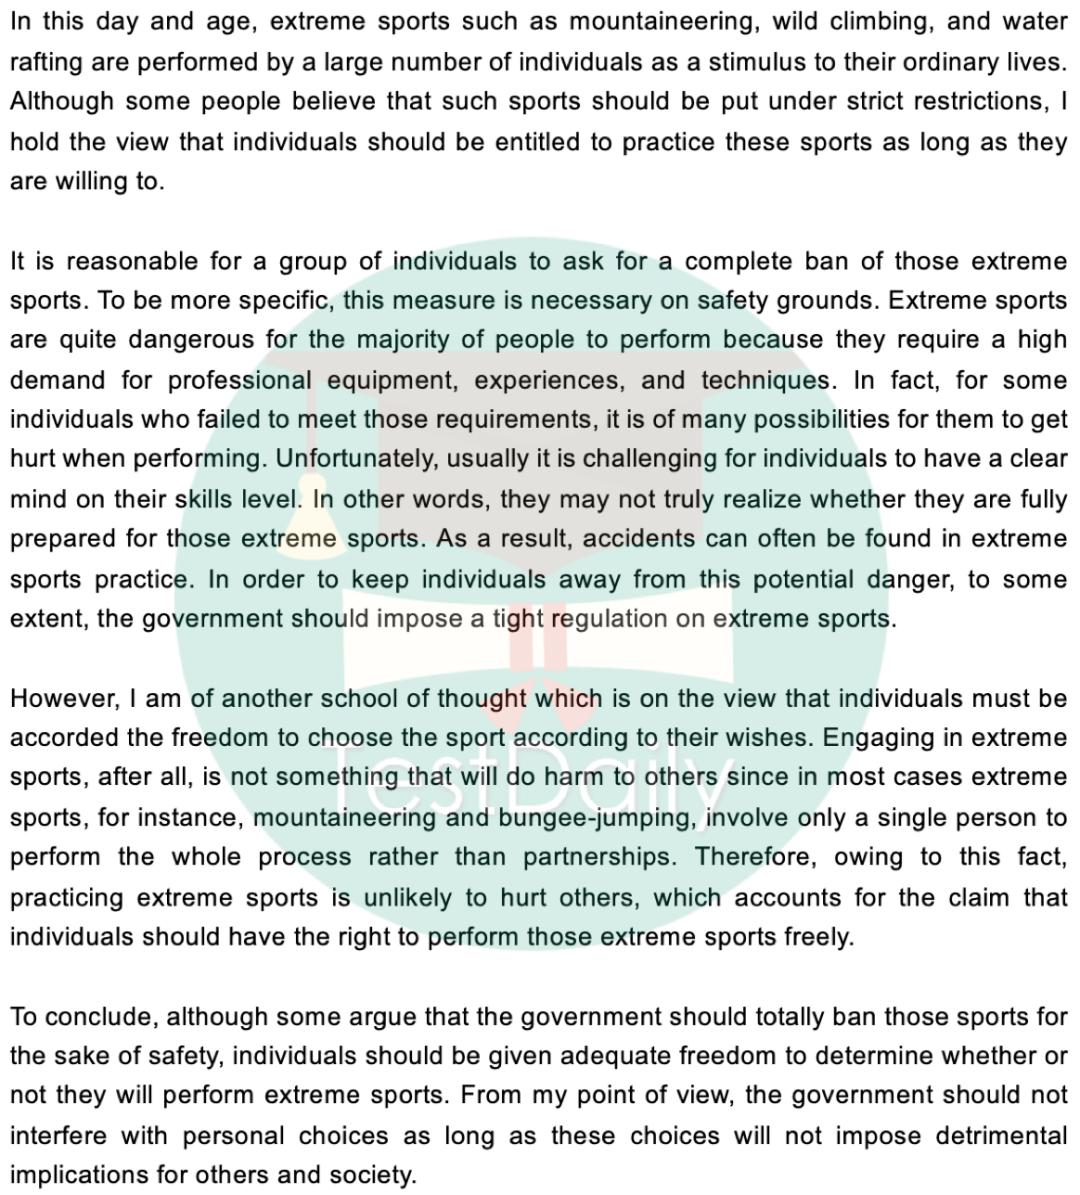 2020年11月28日雅思大作文真题及高分范文:政府是否应该禁止危险的体育运动